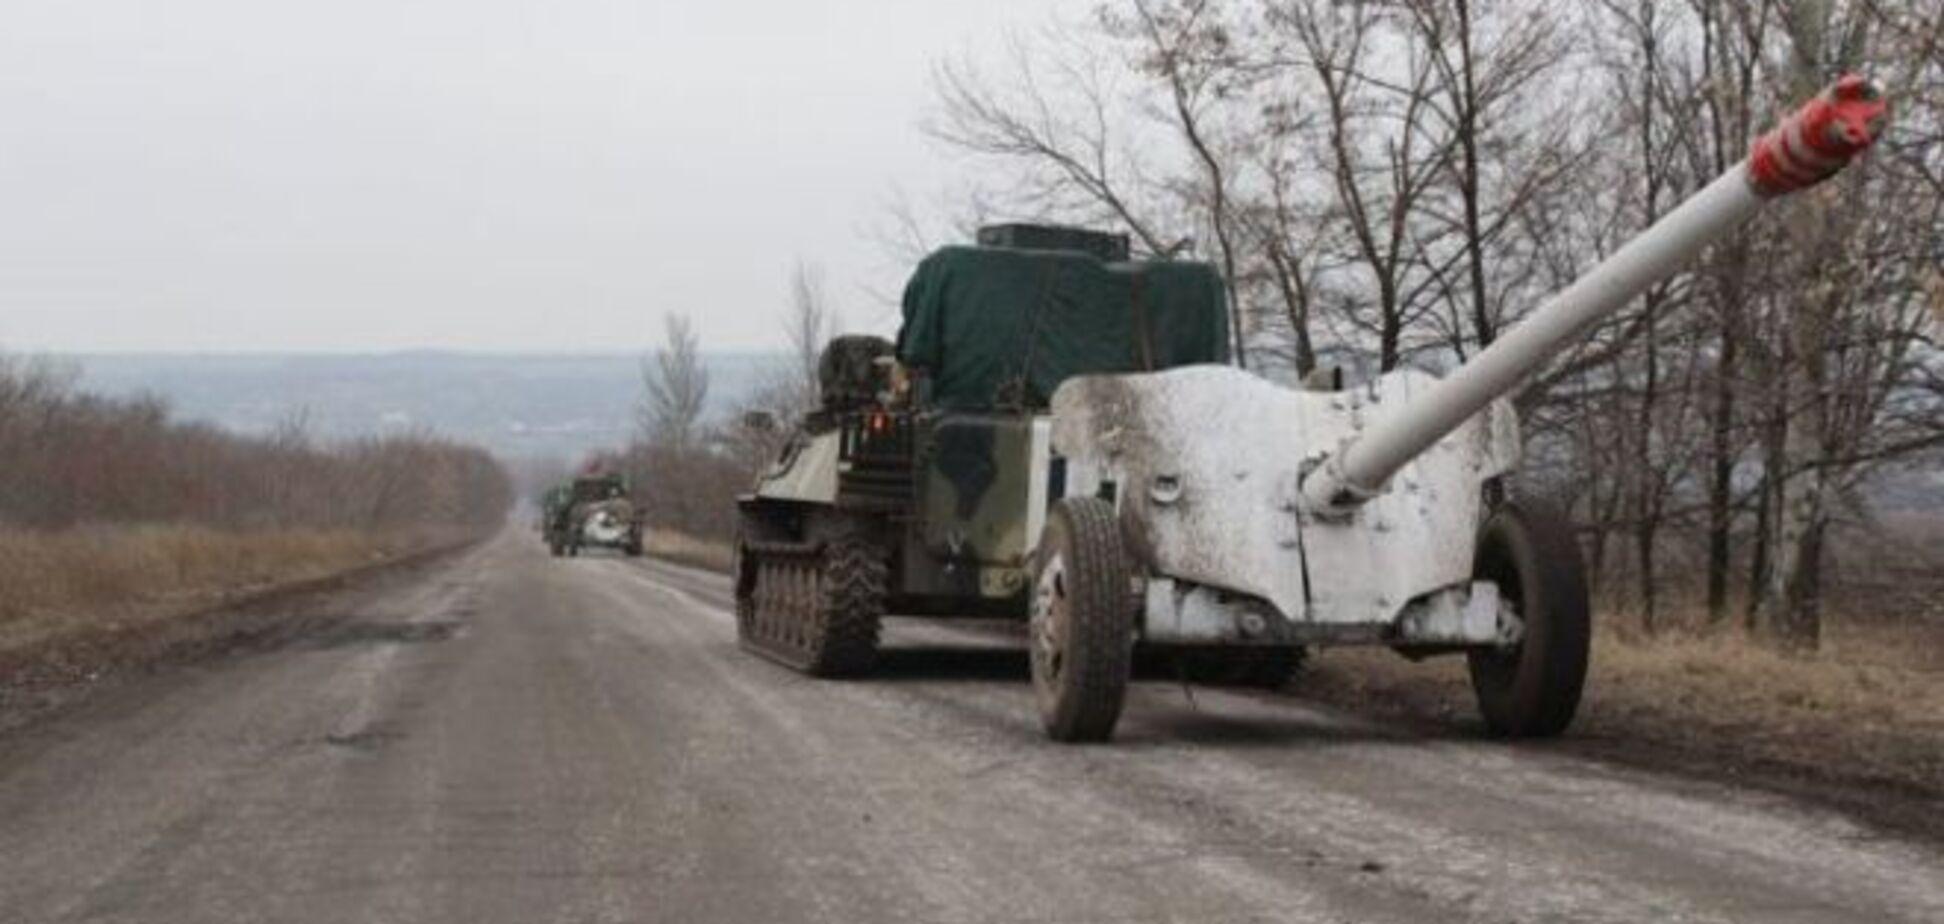 Из зоны АТО отвели уже 15 противотанковых пушек - Селезнев